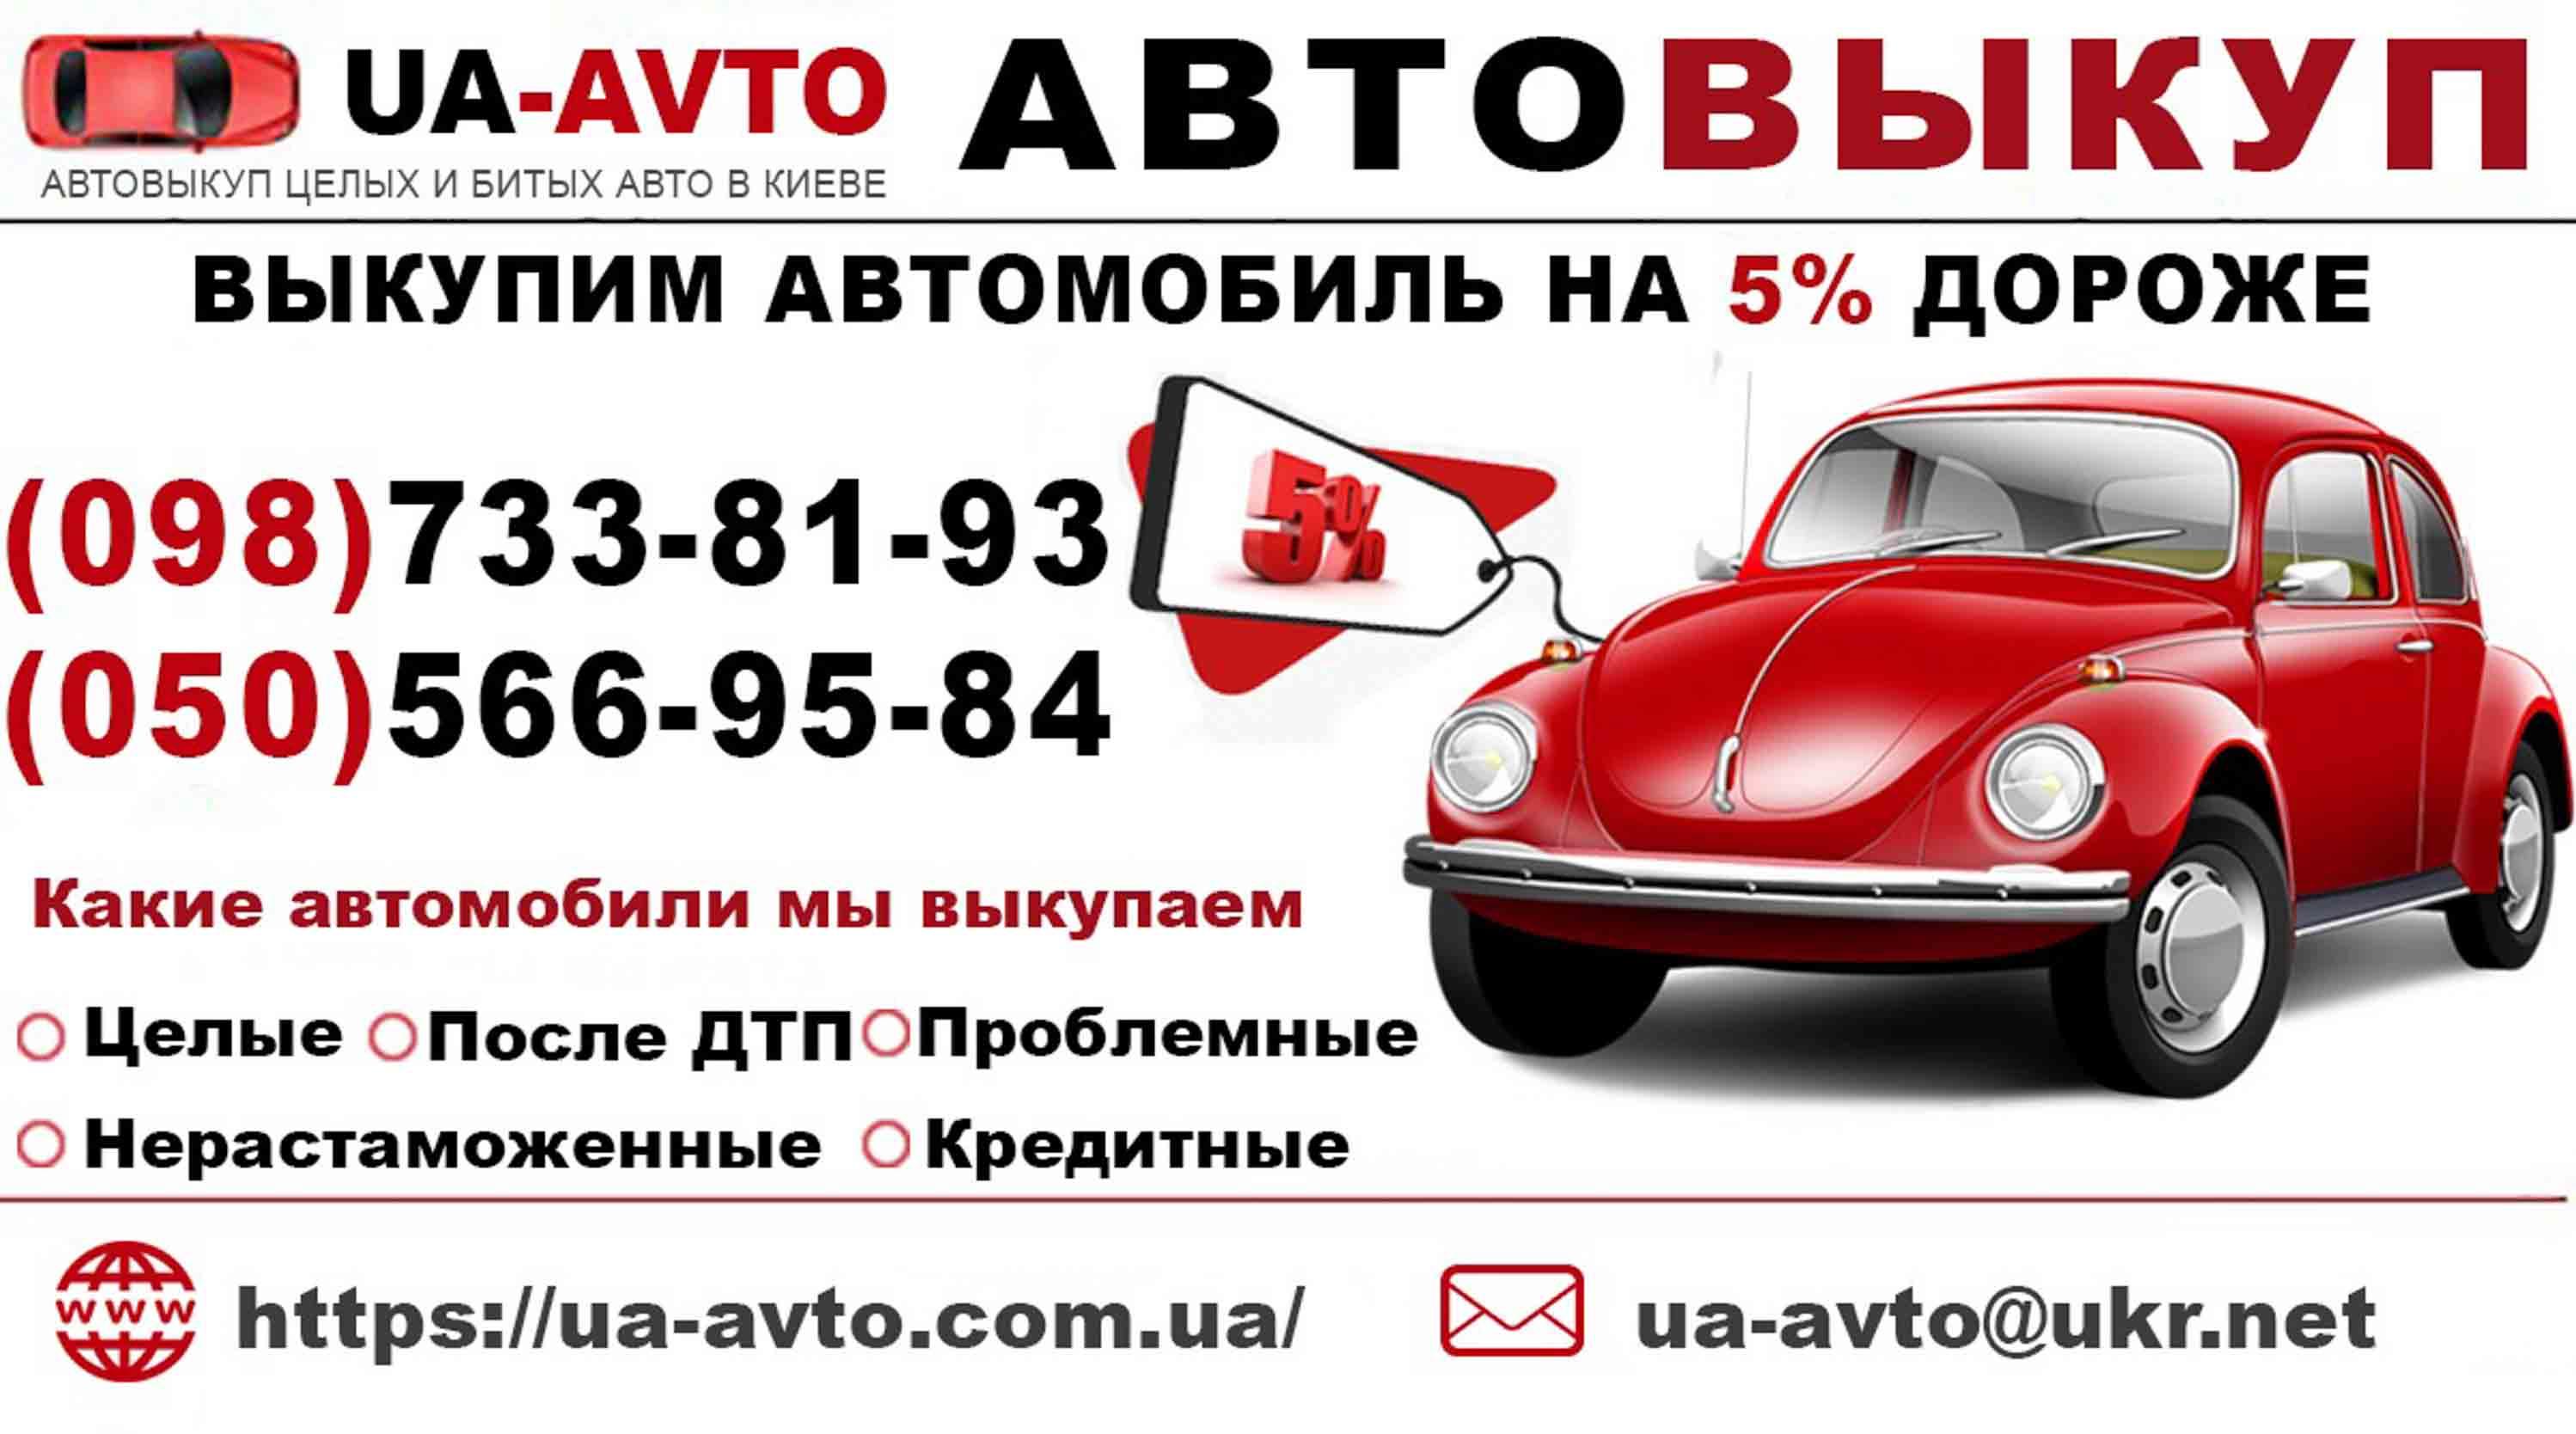 Выкуп украинских и нерастаможенных авто фото 1